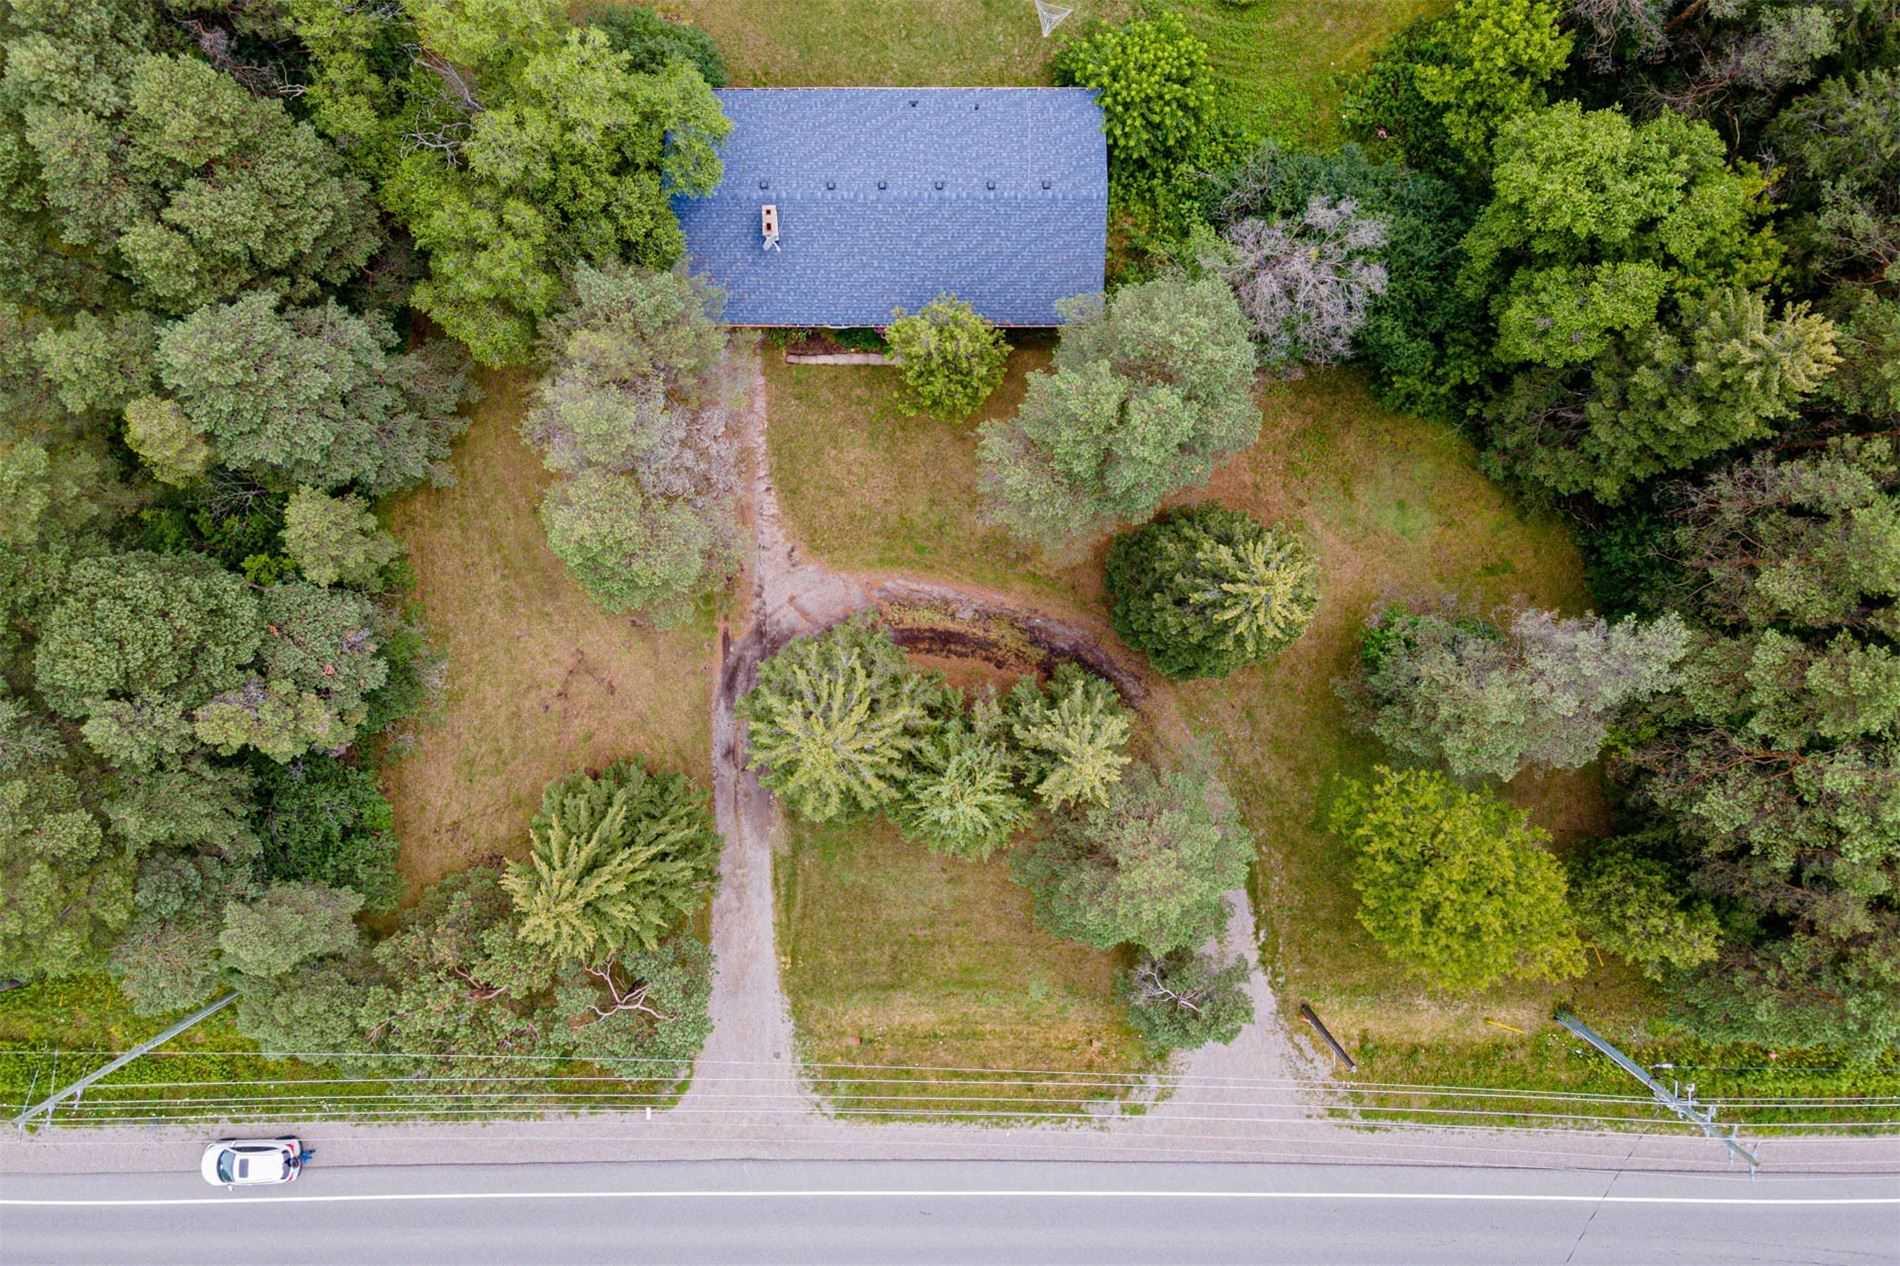 4189 Brock Rd - Uxbridge Detached for sale, 3 Bedrooms (N5311768) - #3